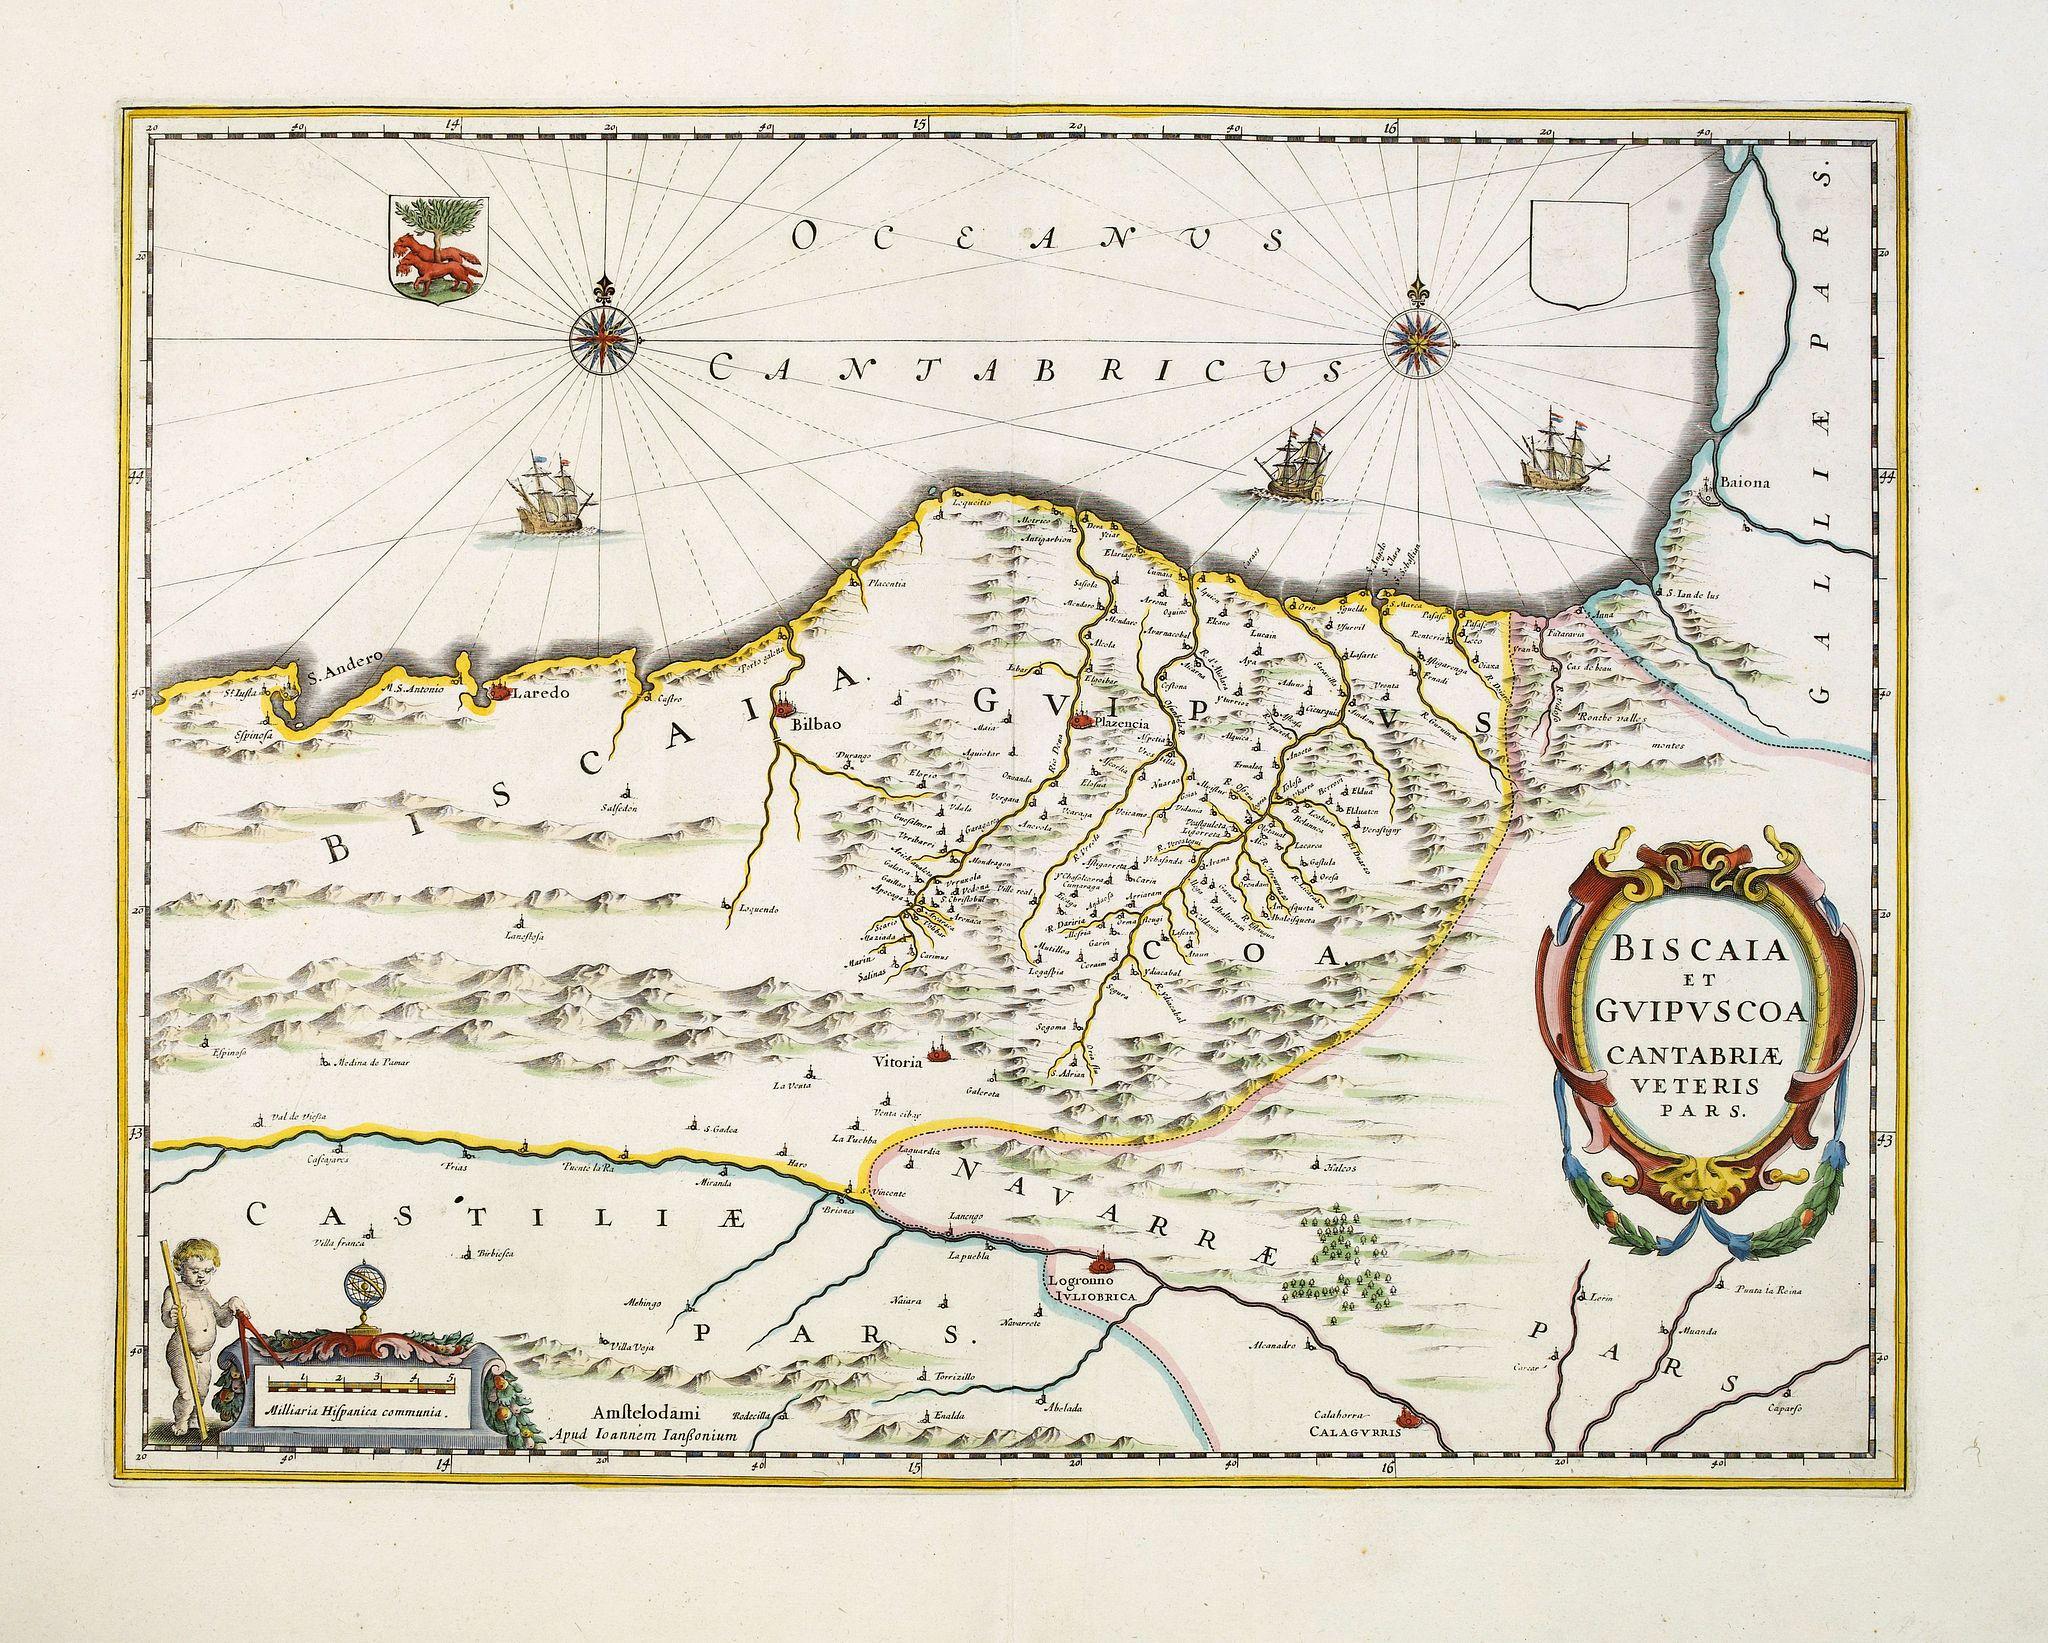 JANSSONIUS, J. -  Biscaia et Guipuscoa Cantabriae Veteris Pars.